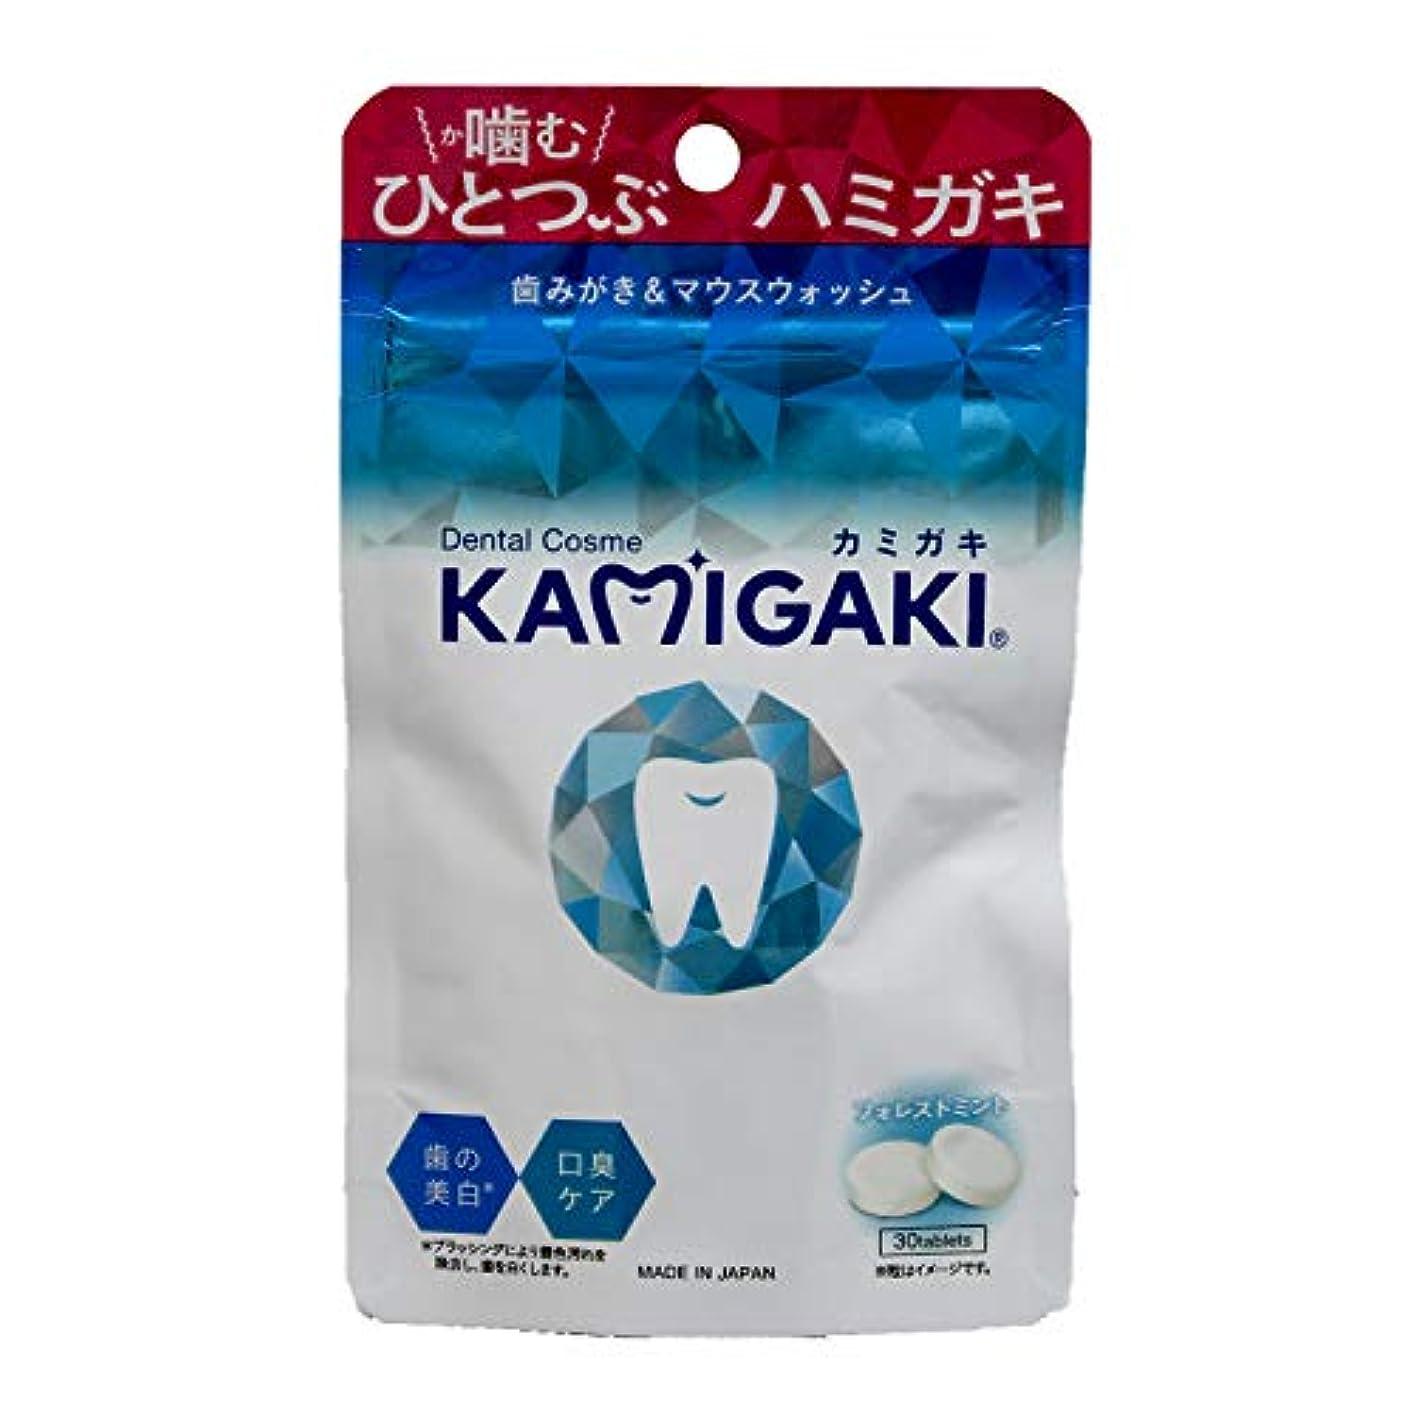 禁止する準拠ひねくれたデンタルコスメ カミガキ タブレット型歯磨き粉 フォレストミント 1個